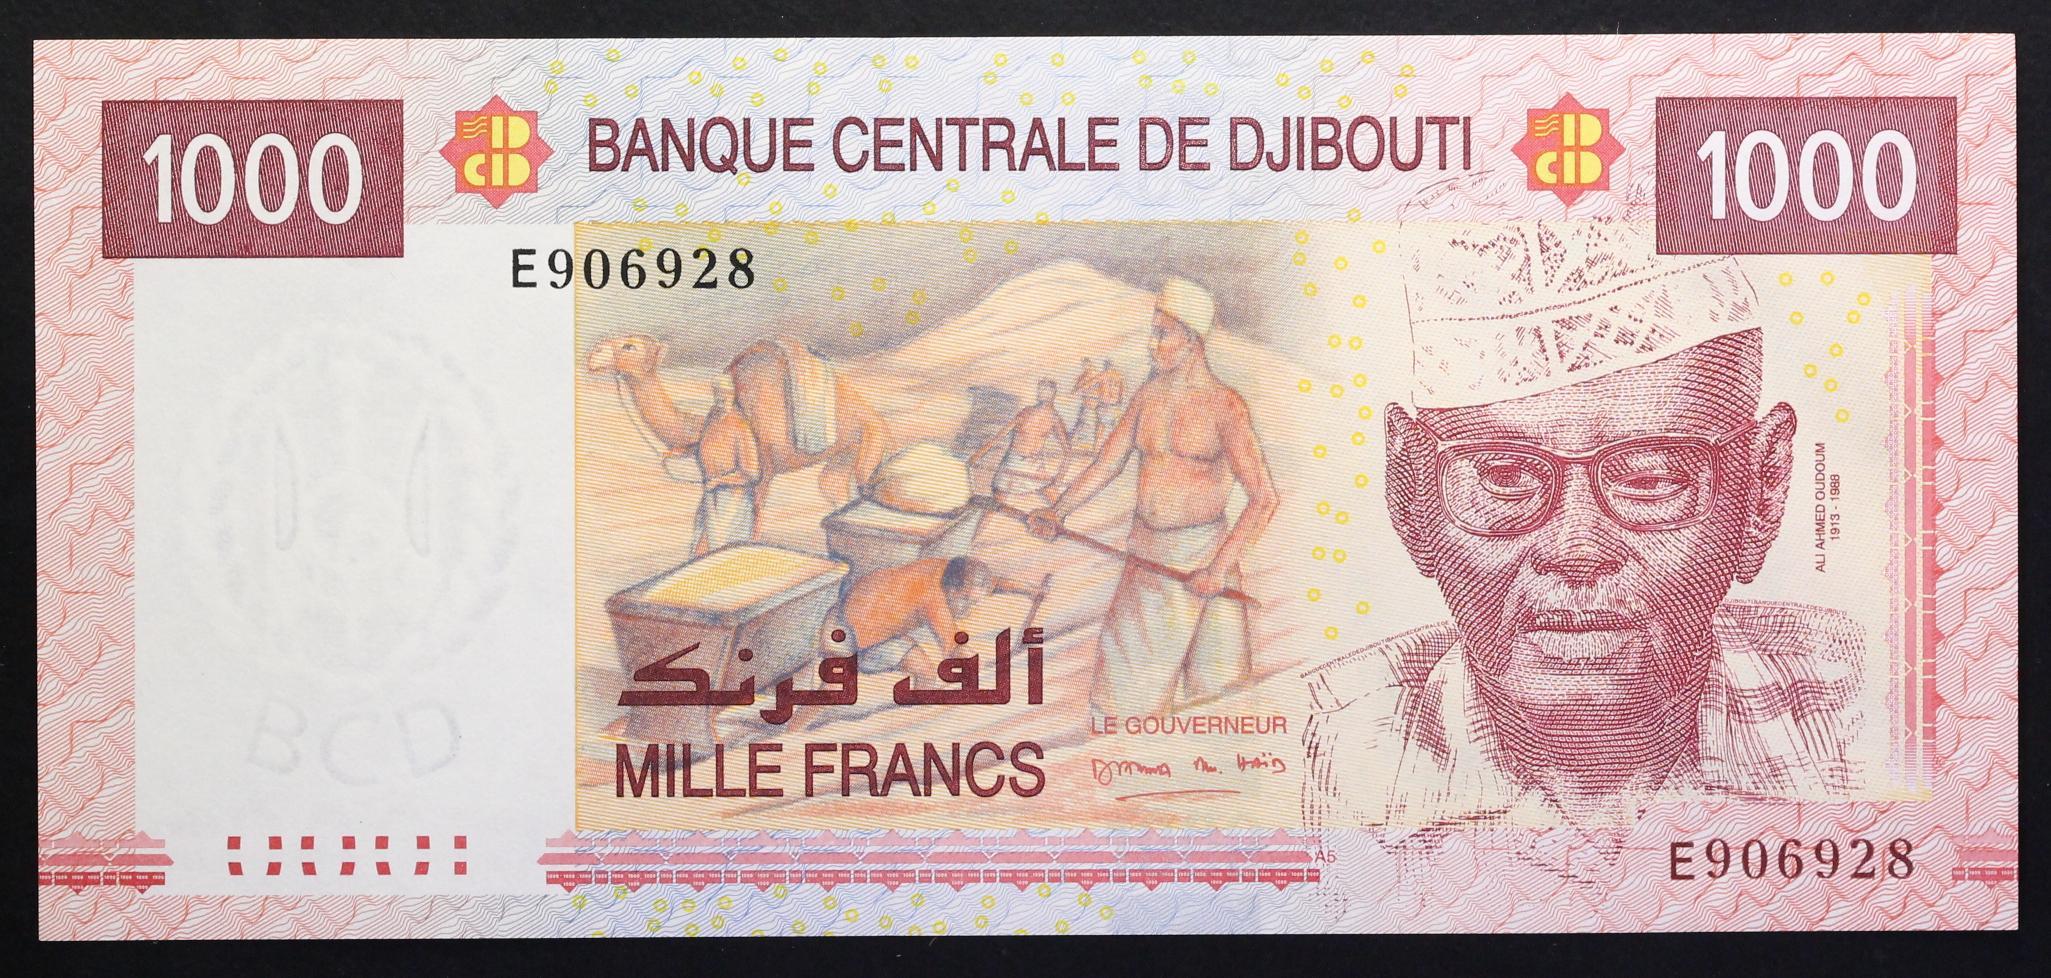 Djibouti 1000 Francs p-42 2005 UNC Banknote